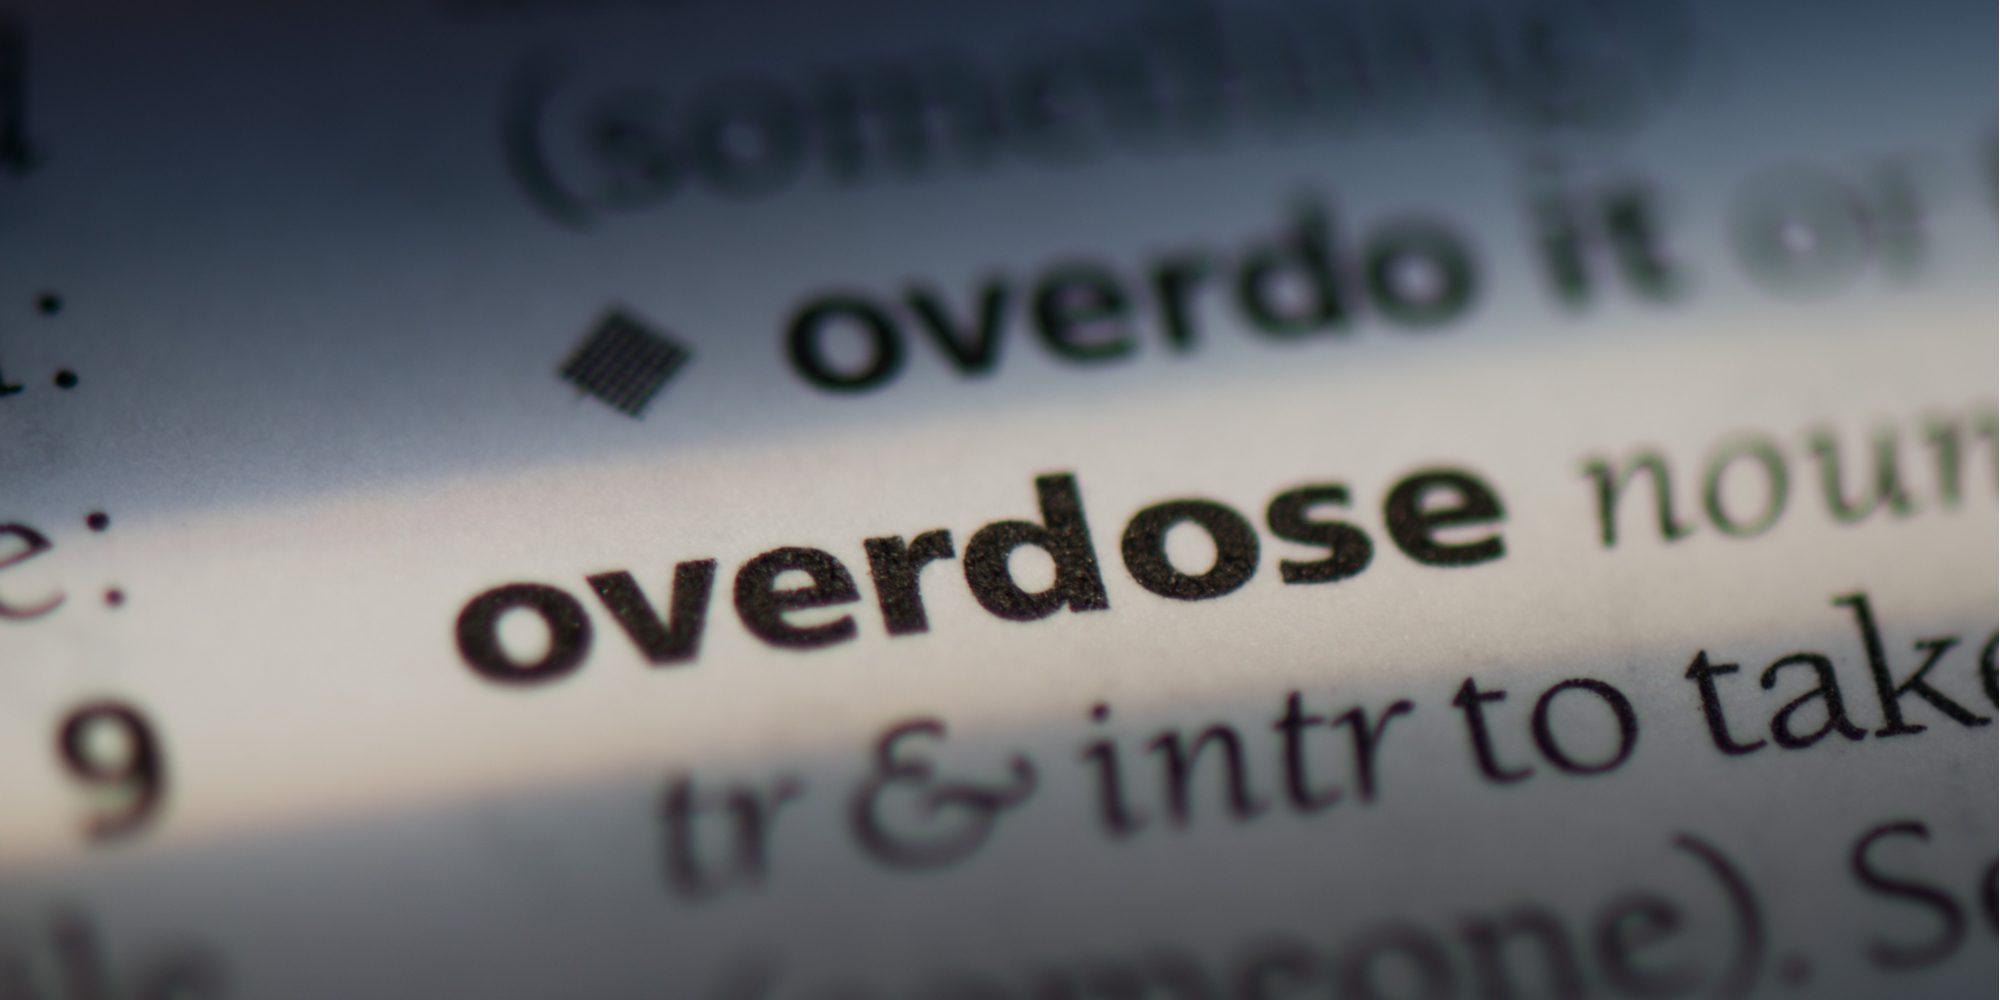 Florida overdoses